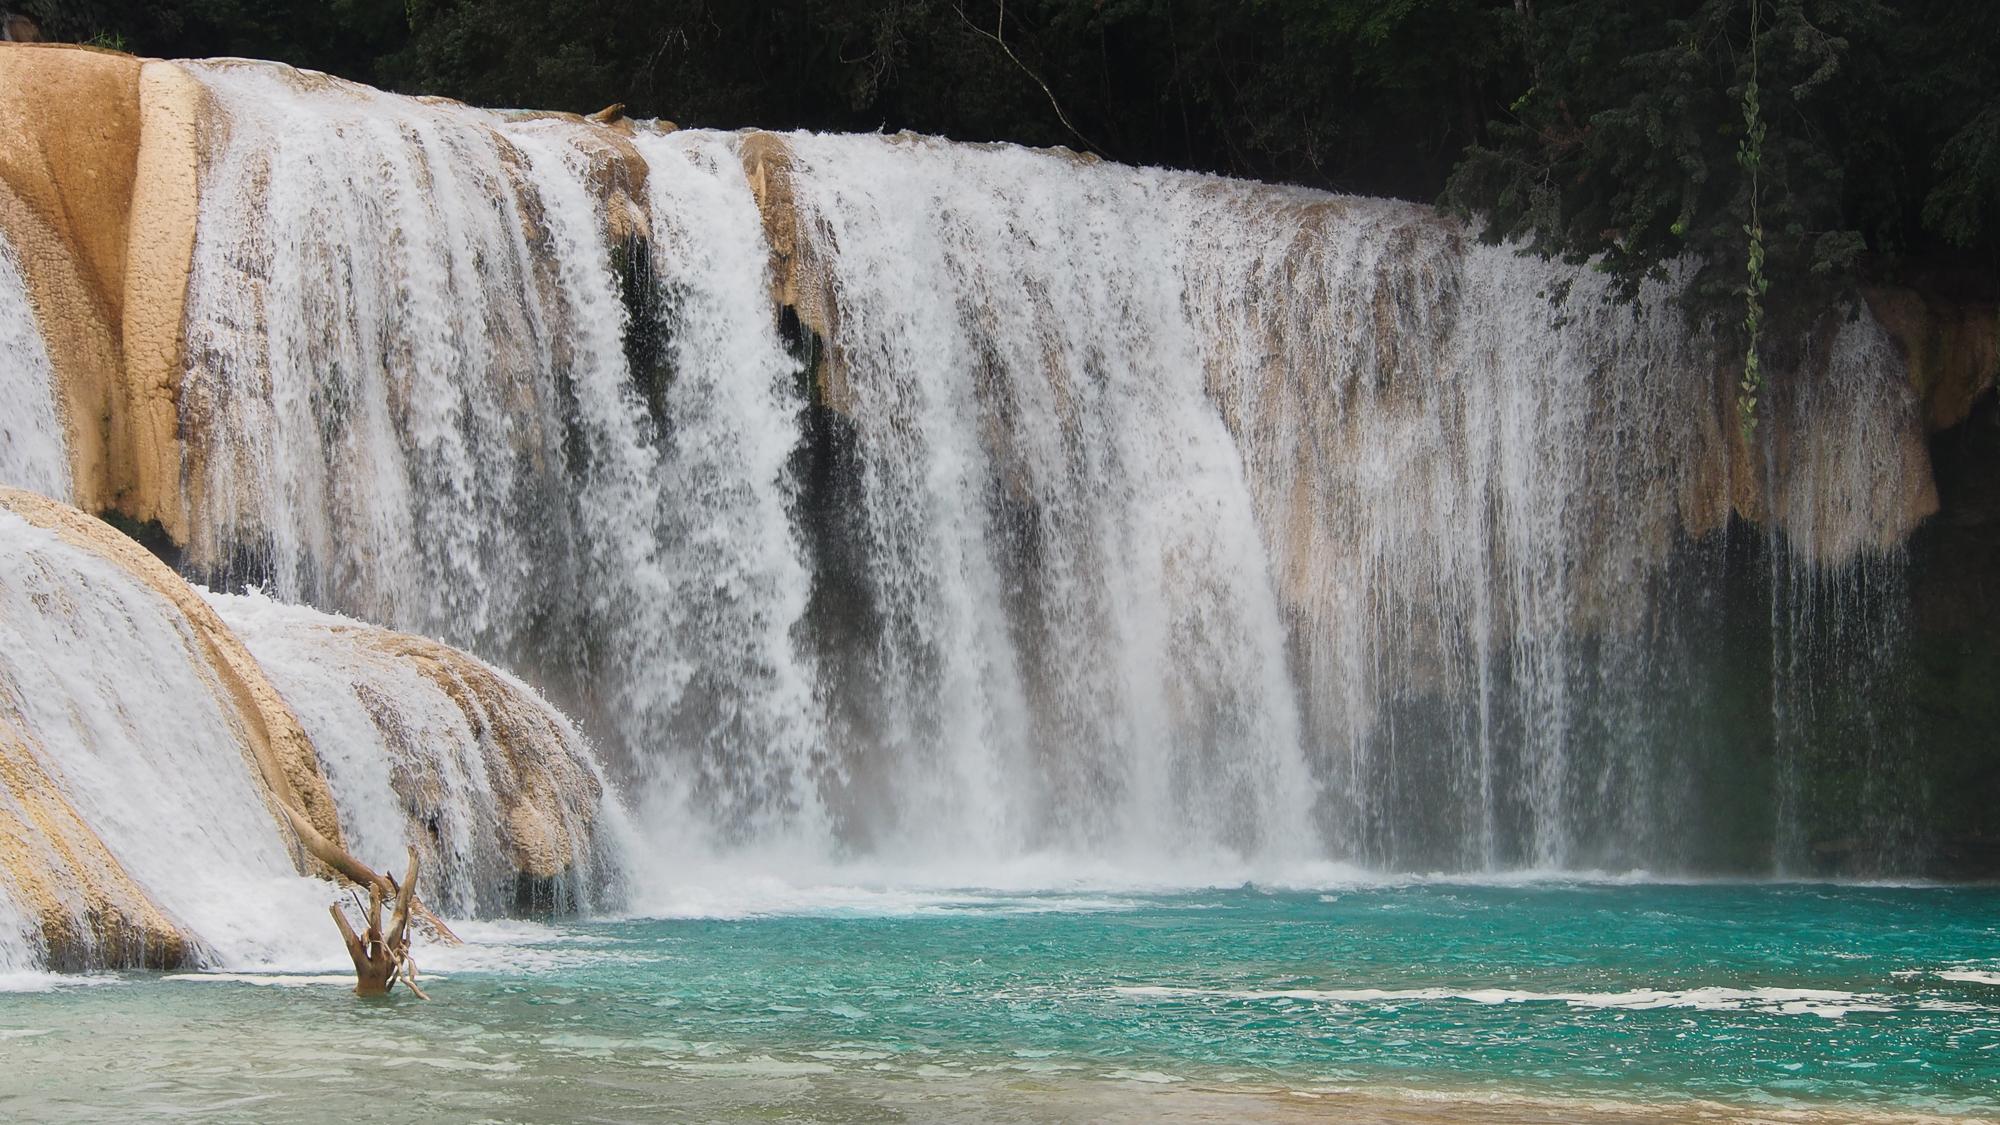 Agua azul Cascades, Mexico